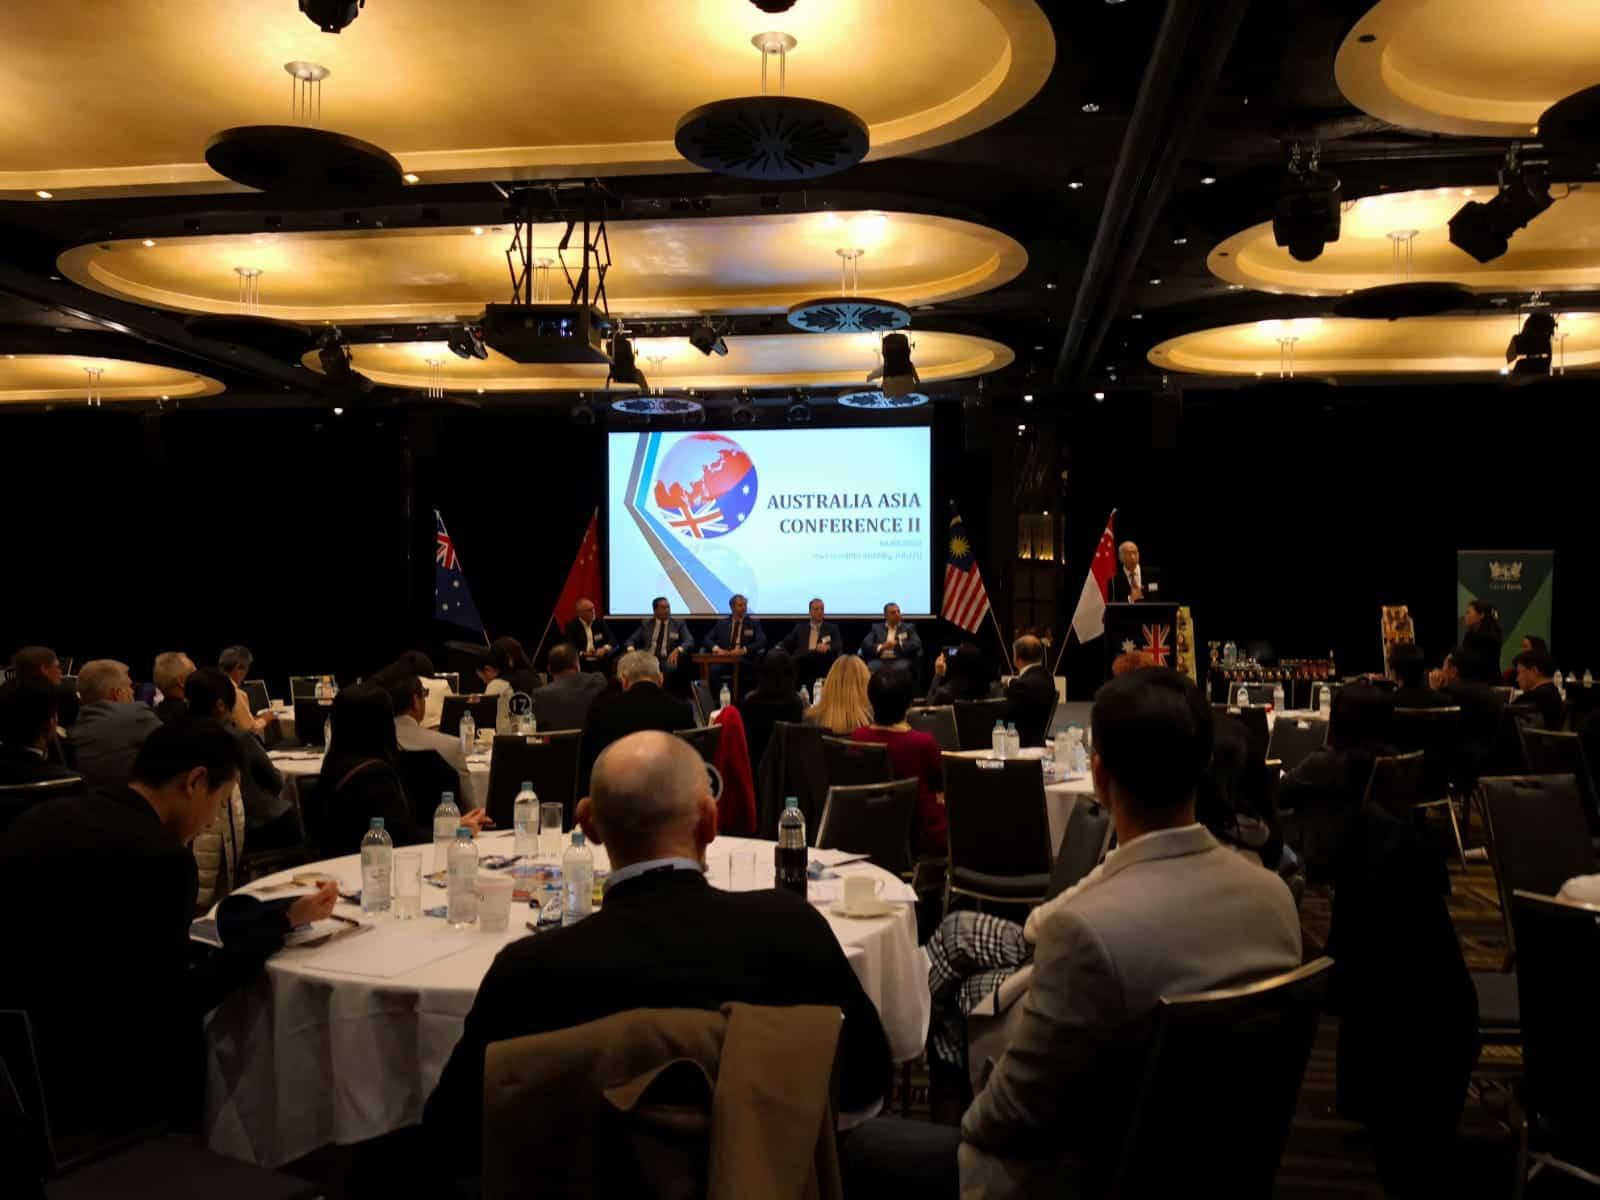 Ausdtralia Asia Exchange Conference